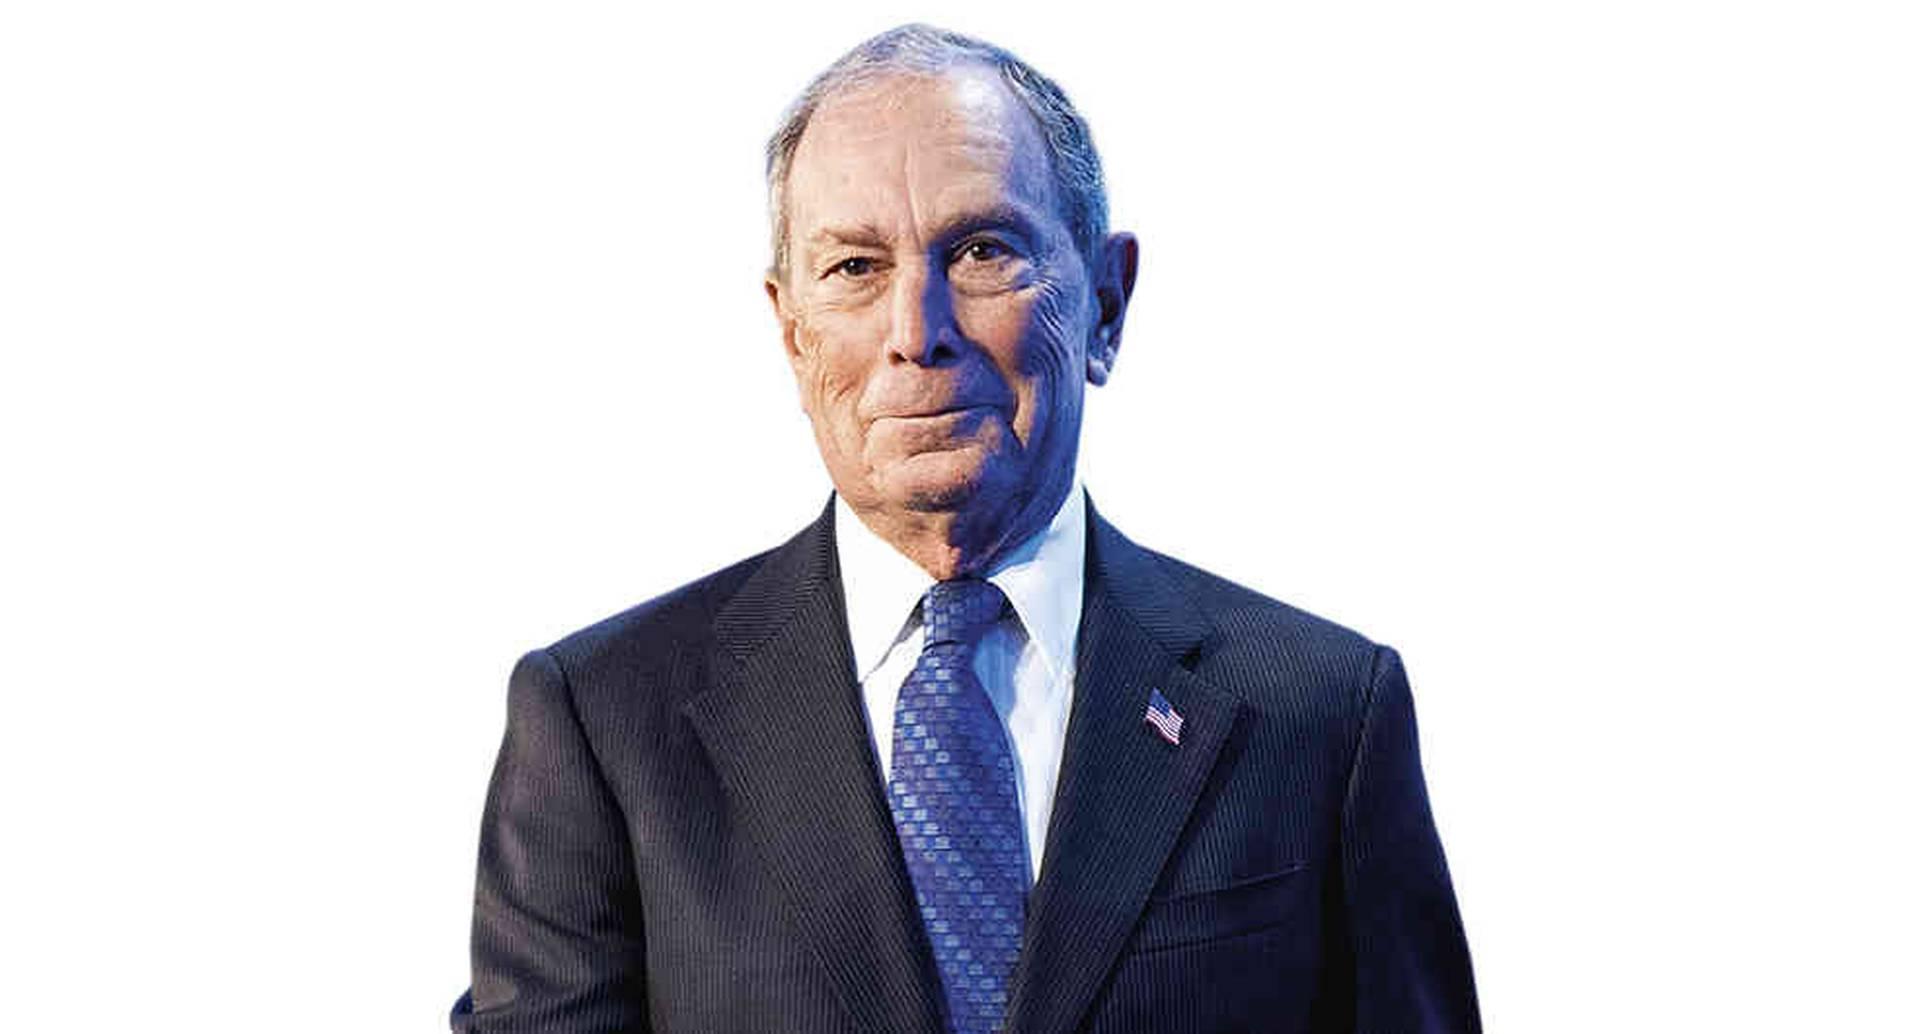 Michael Bloomberg es el hombre más rico de Nueva York, y el noveno del mundo. Su fortuna se estima en casi 62.000 millones de dólares, gracias al imperio de Bloomberg LP.